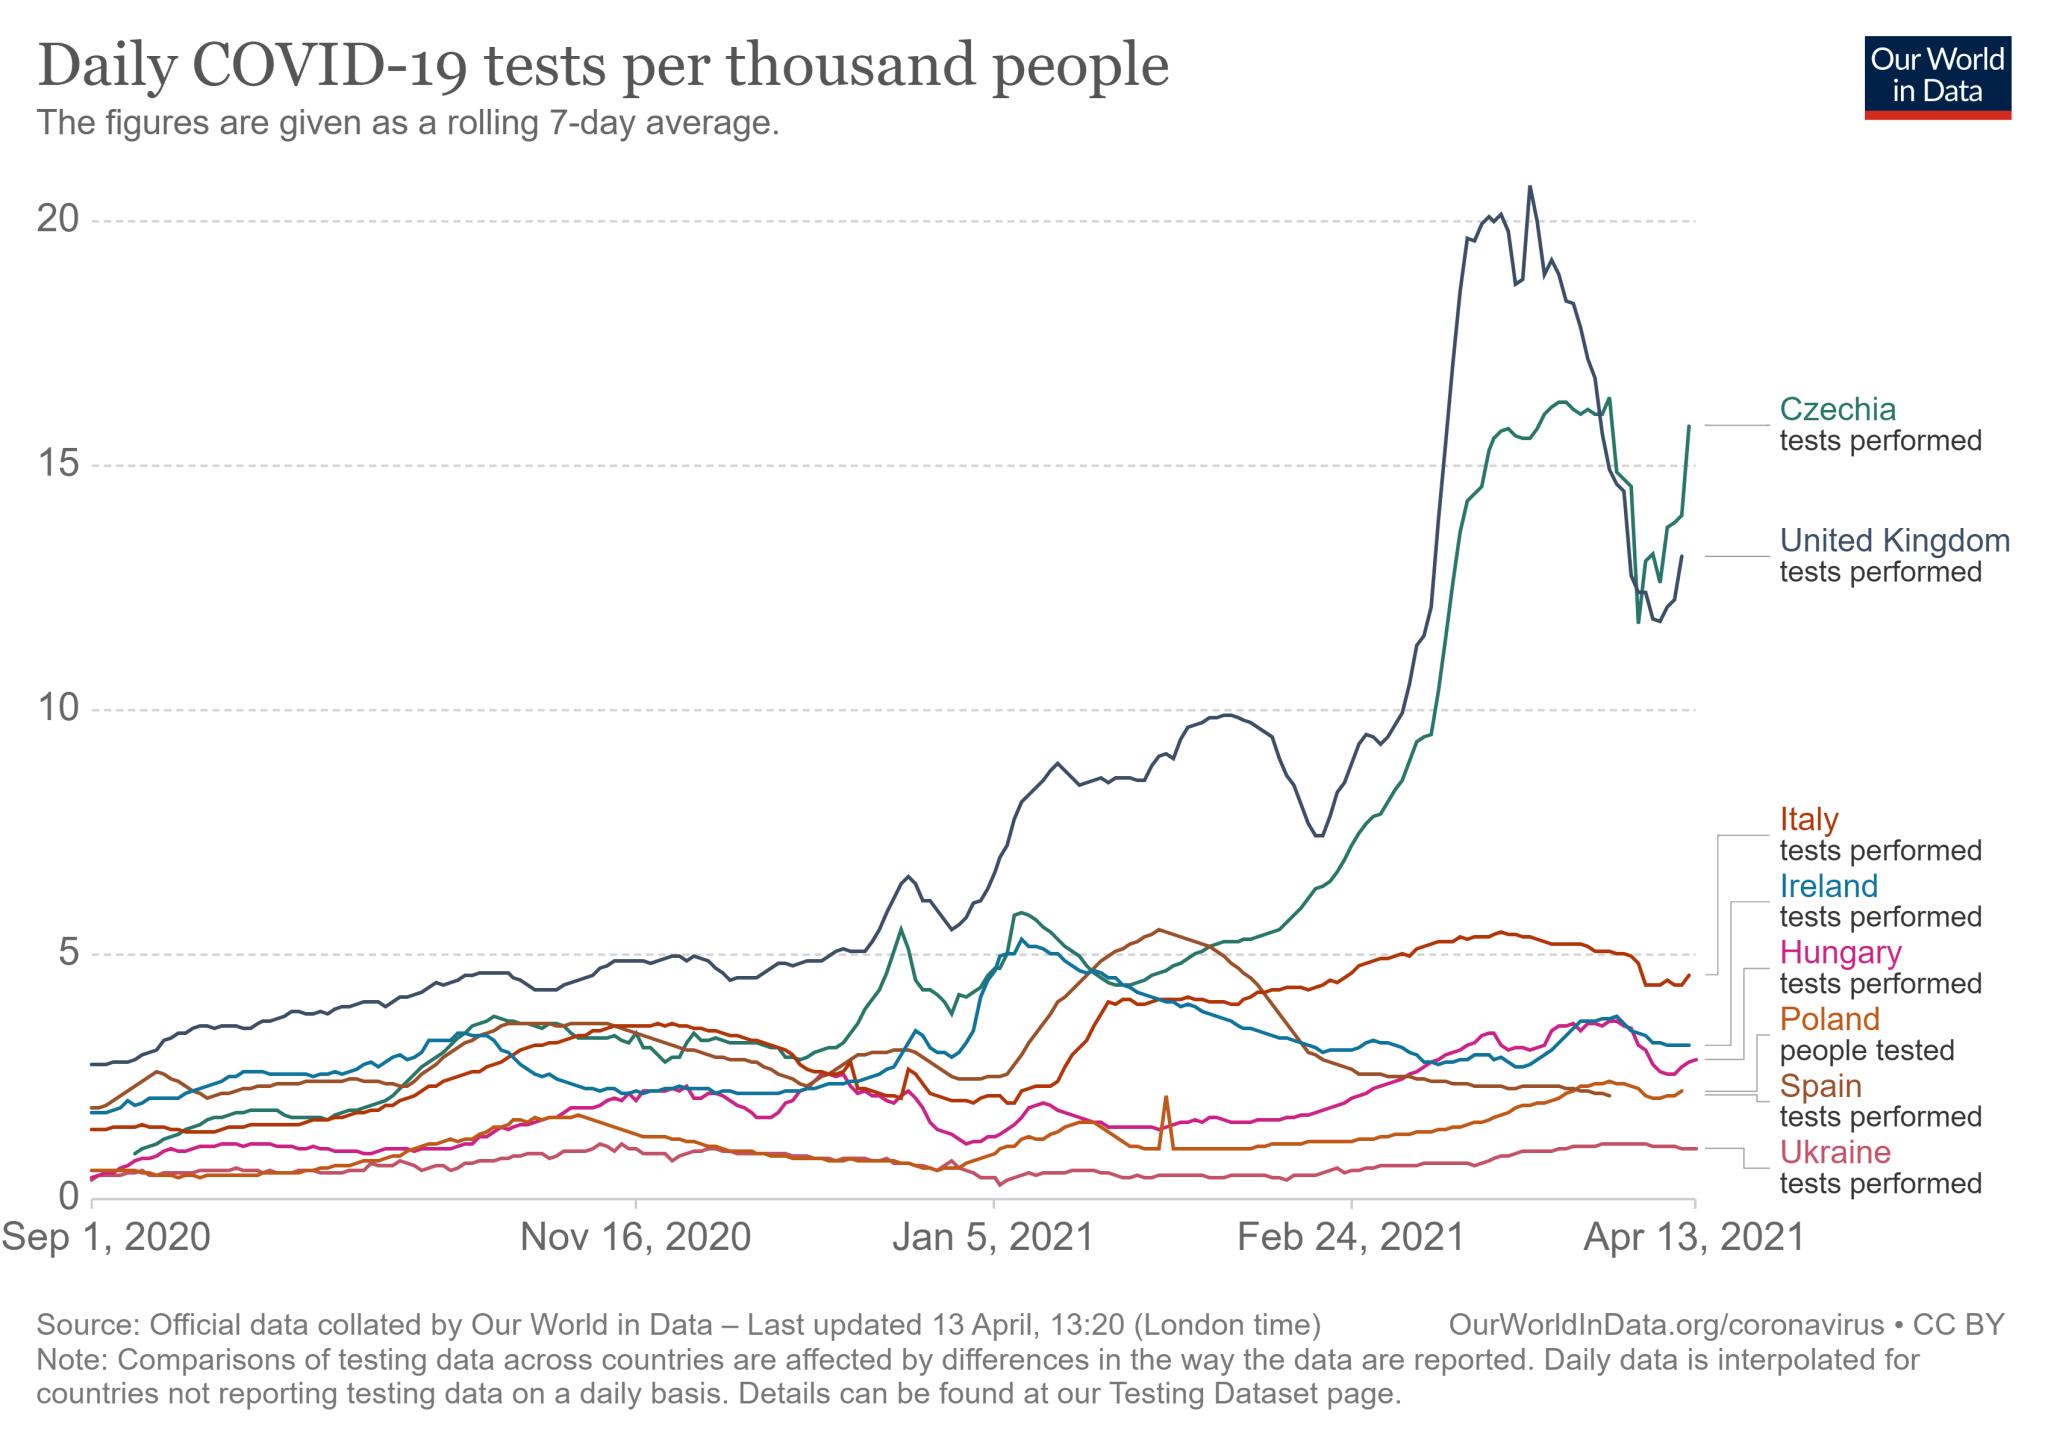 Siedmiodniowa średnia krocząca liczby testów w Polsce i krajach o tej samej strategii testowania (od 1 września 2020 do 13 kwietnia 2021)